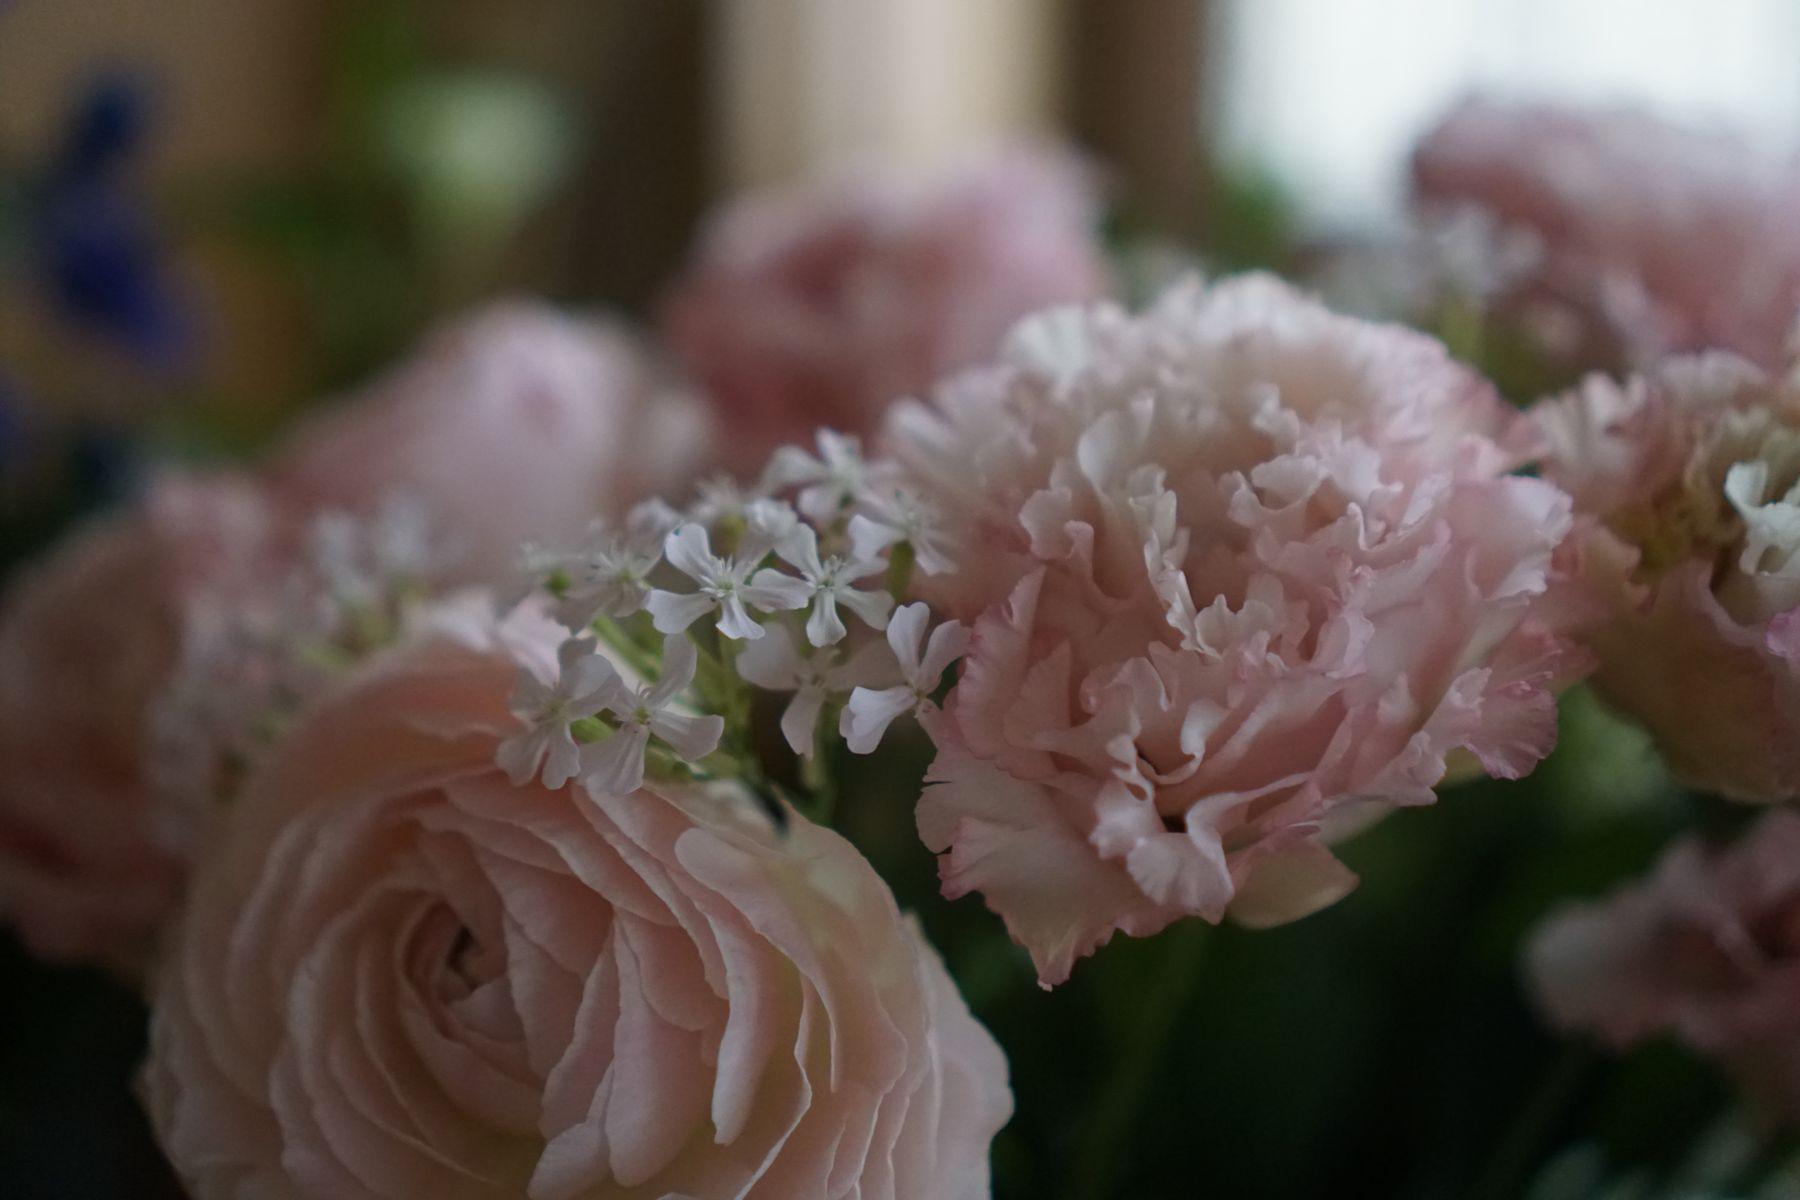 微妙なグラデーションがすてきな花々